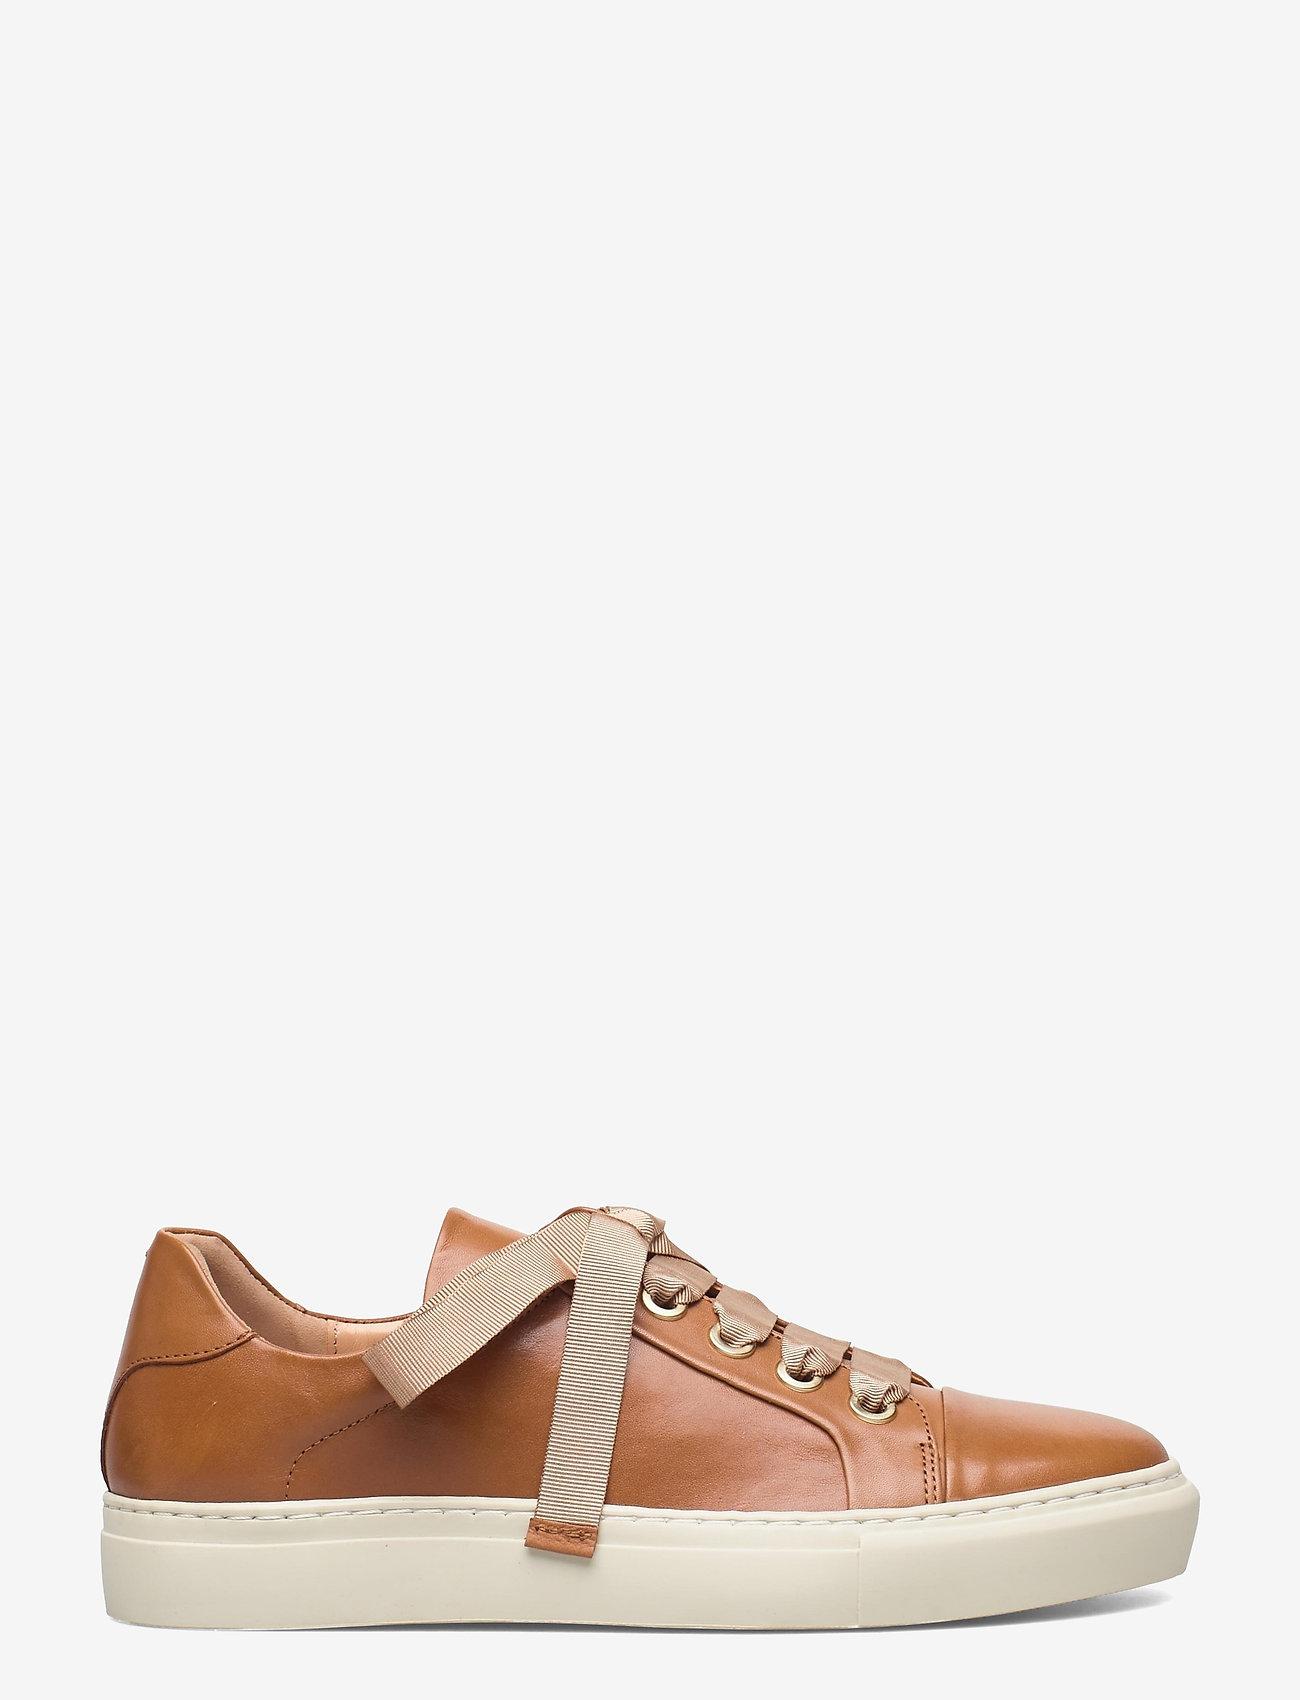 Billi Bi - Sport 24825 - låga sneakers - cuoio guanto calf  84 - 1